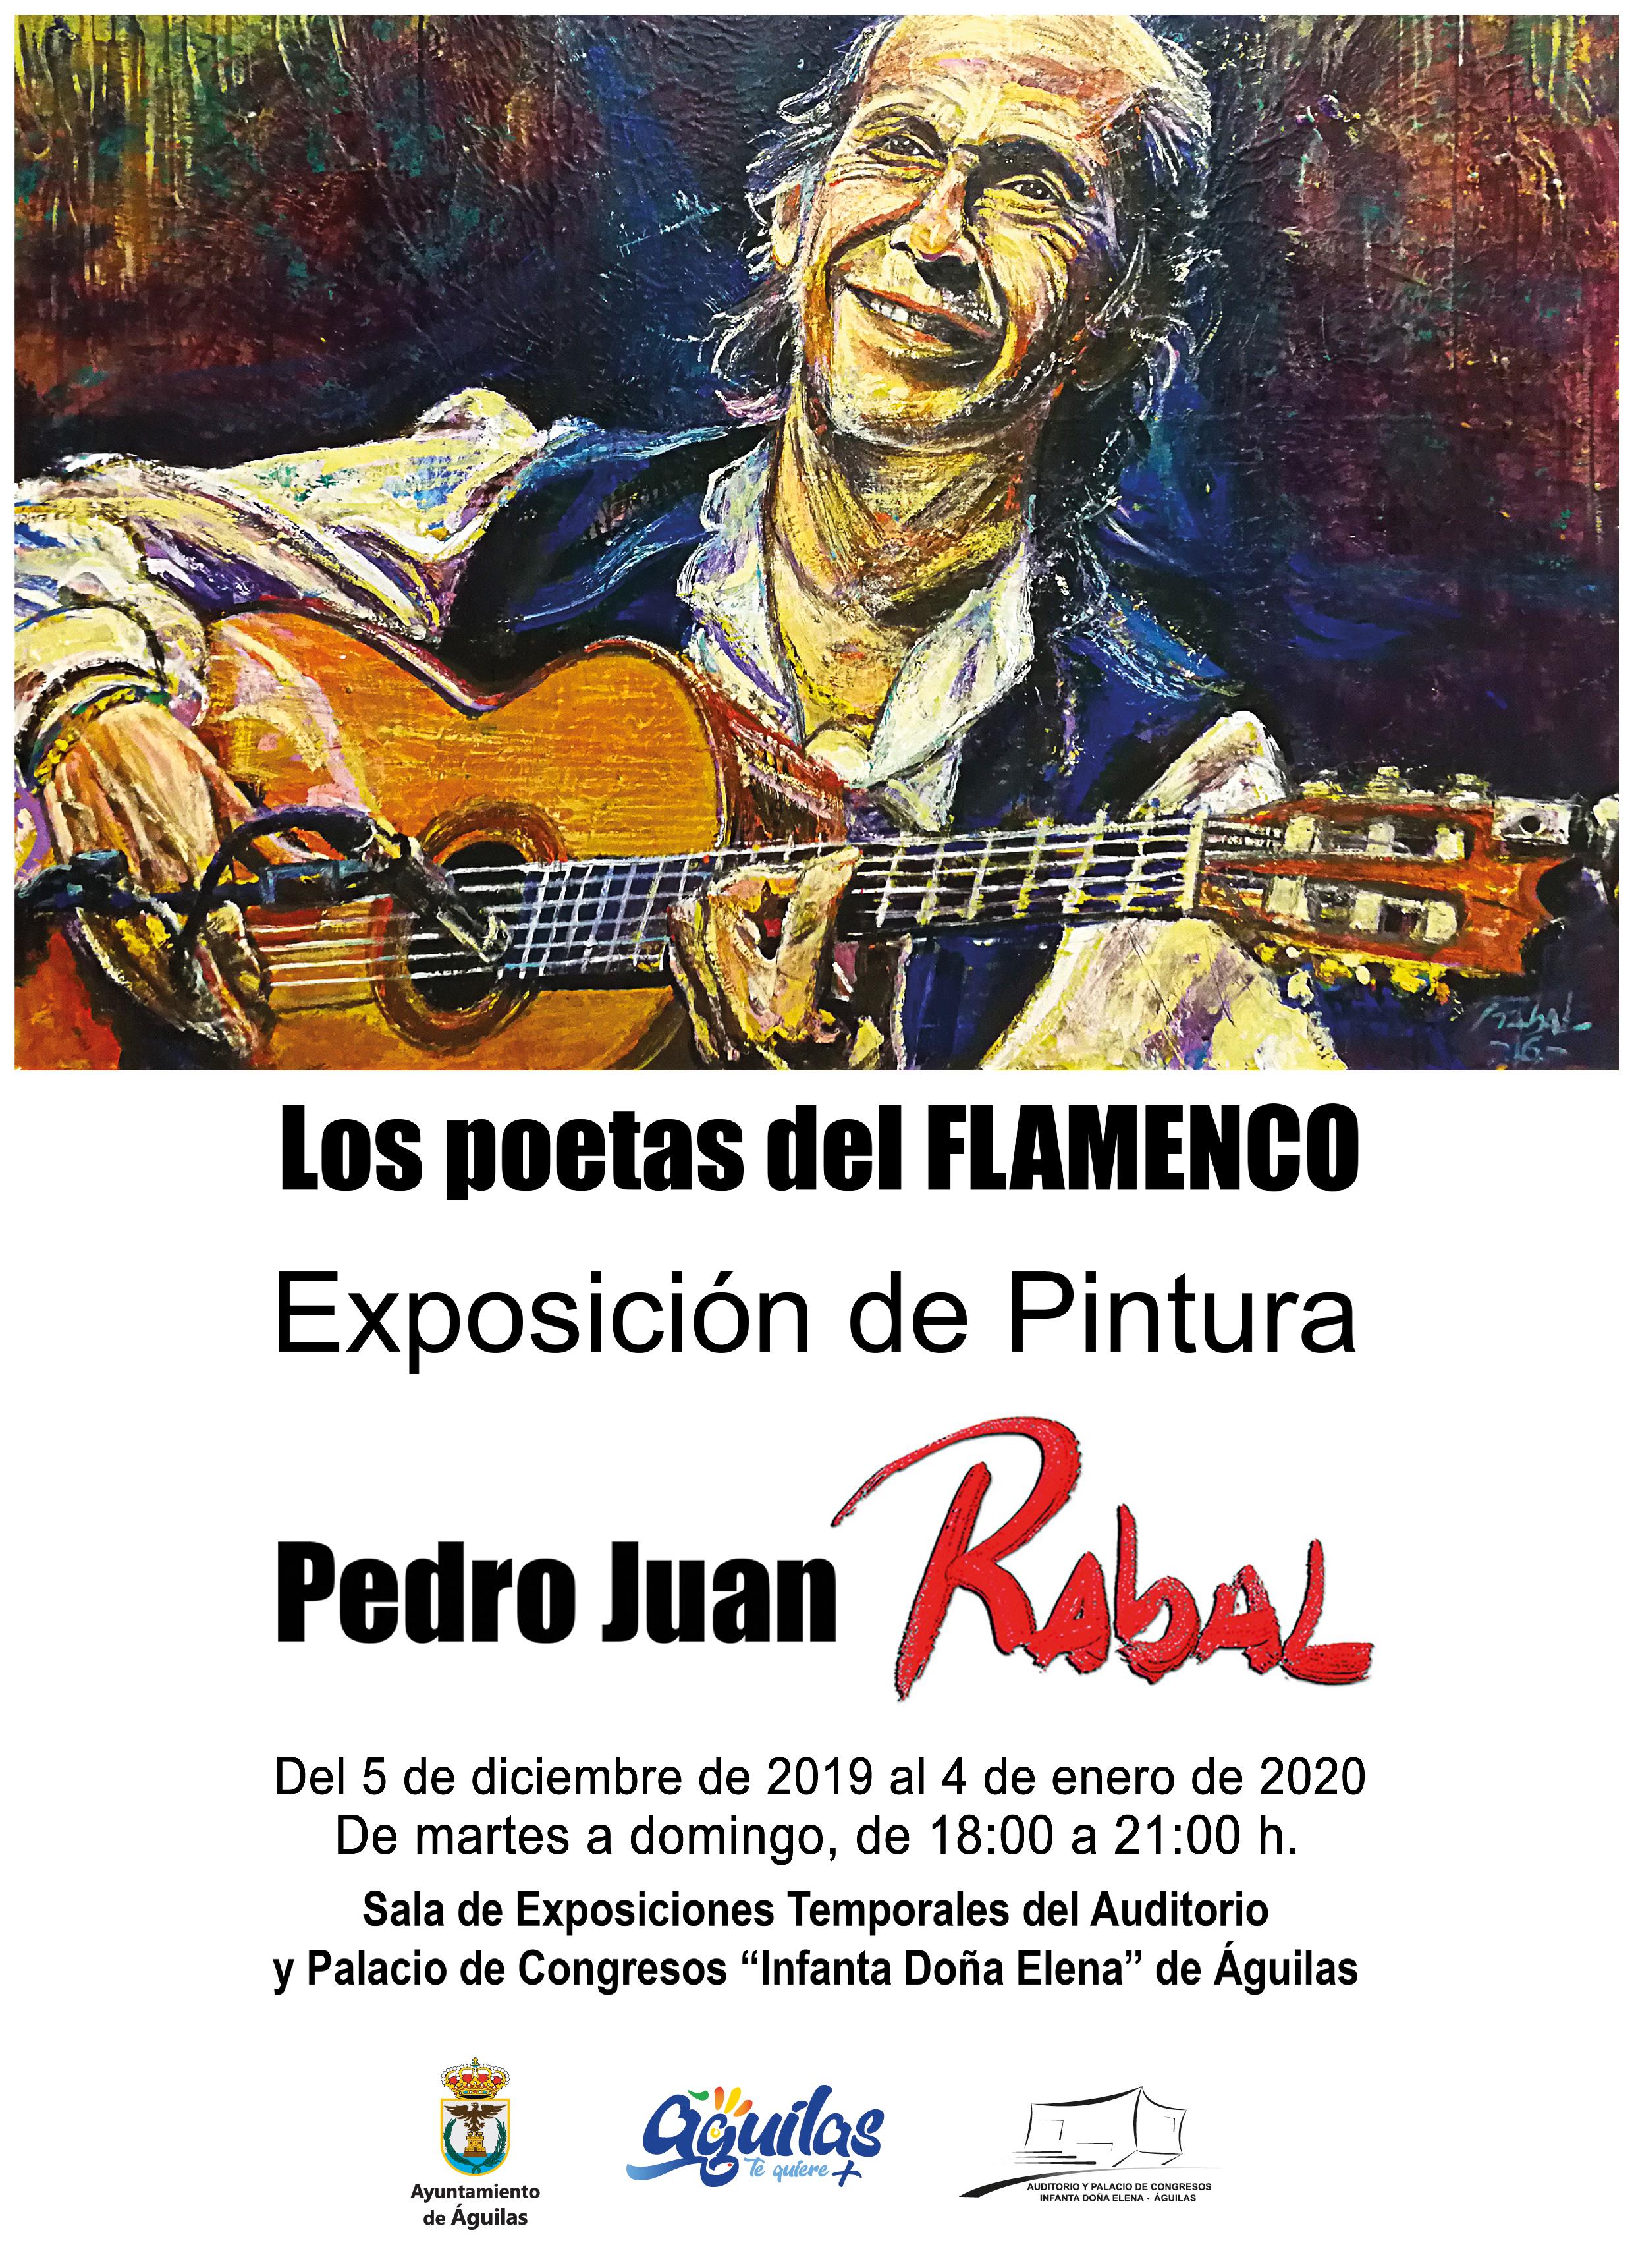 Los poetas del Flamenco. Exposición de Pintura de Pedro Juan Rabal